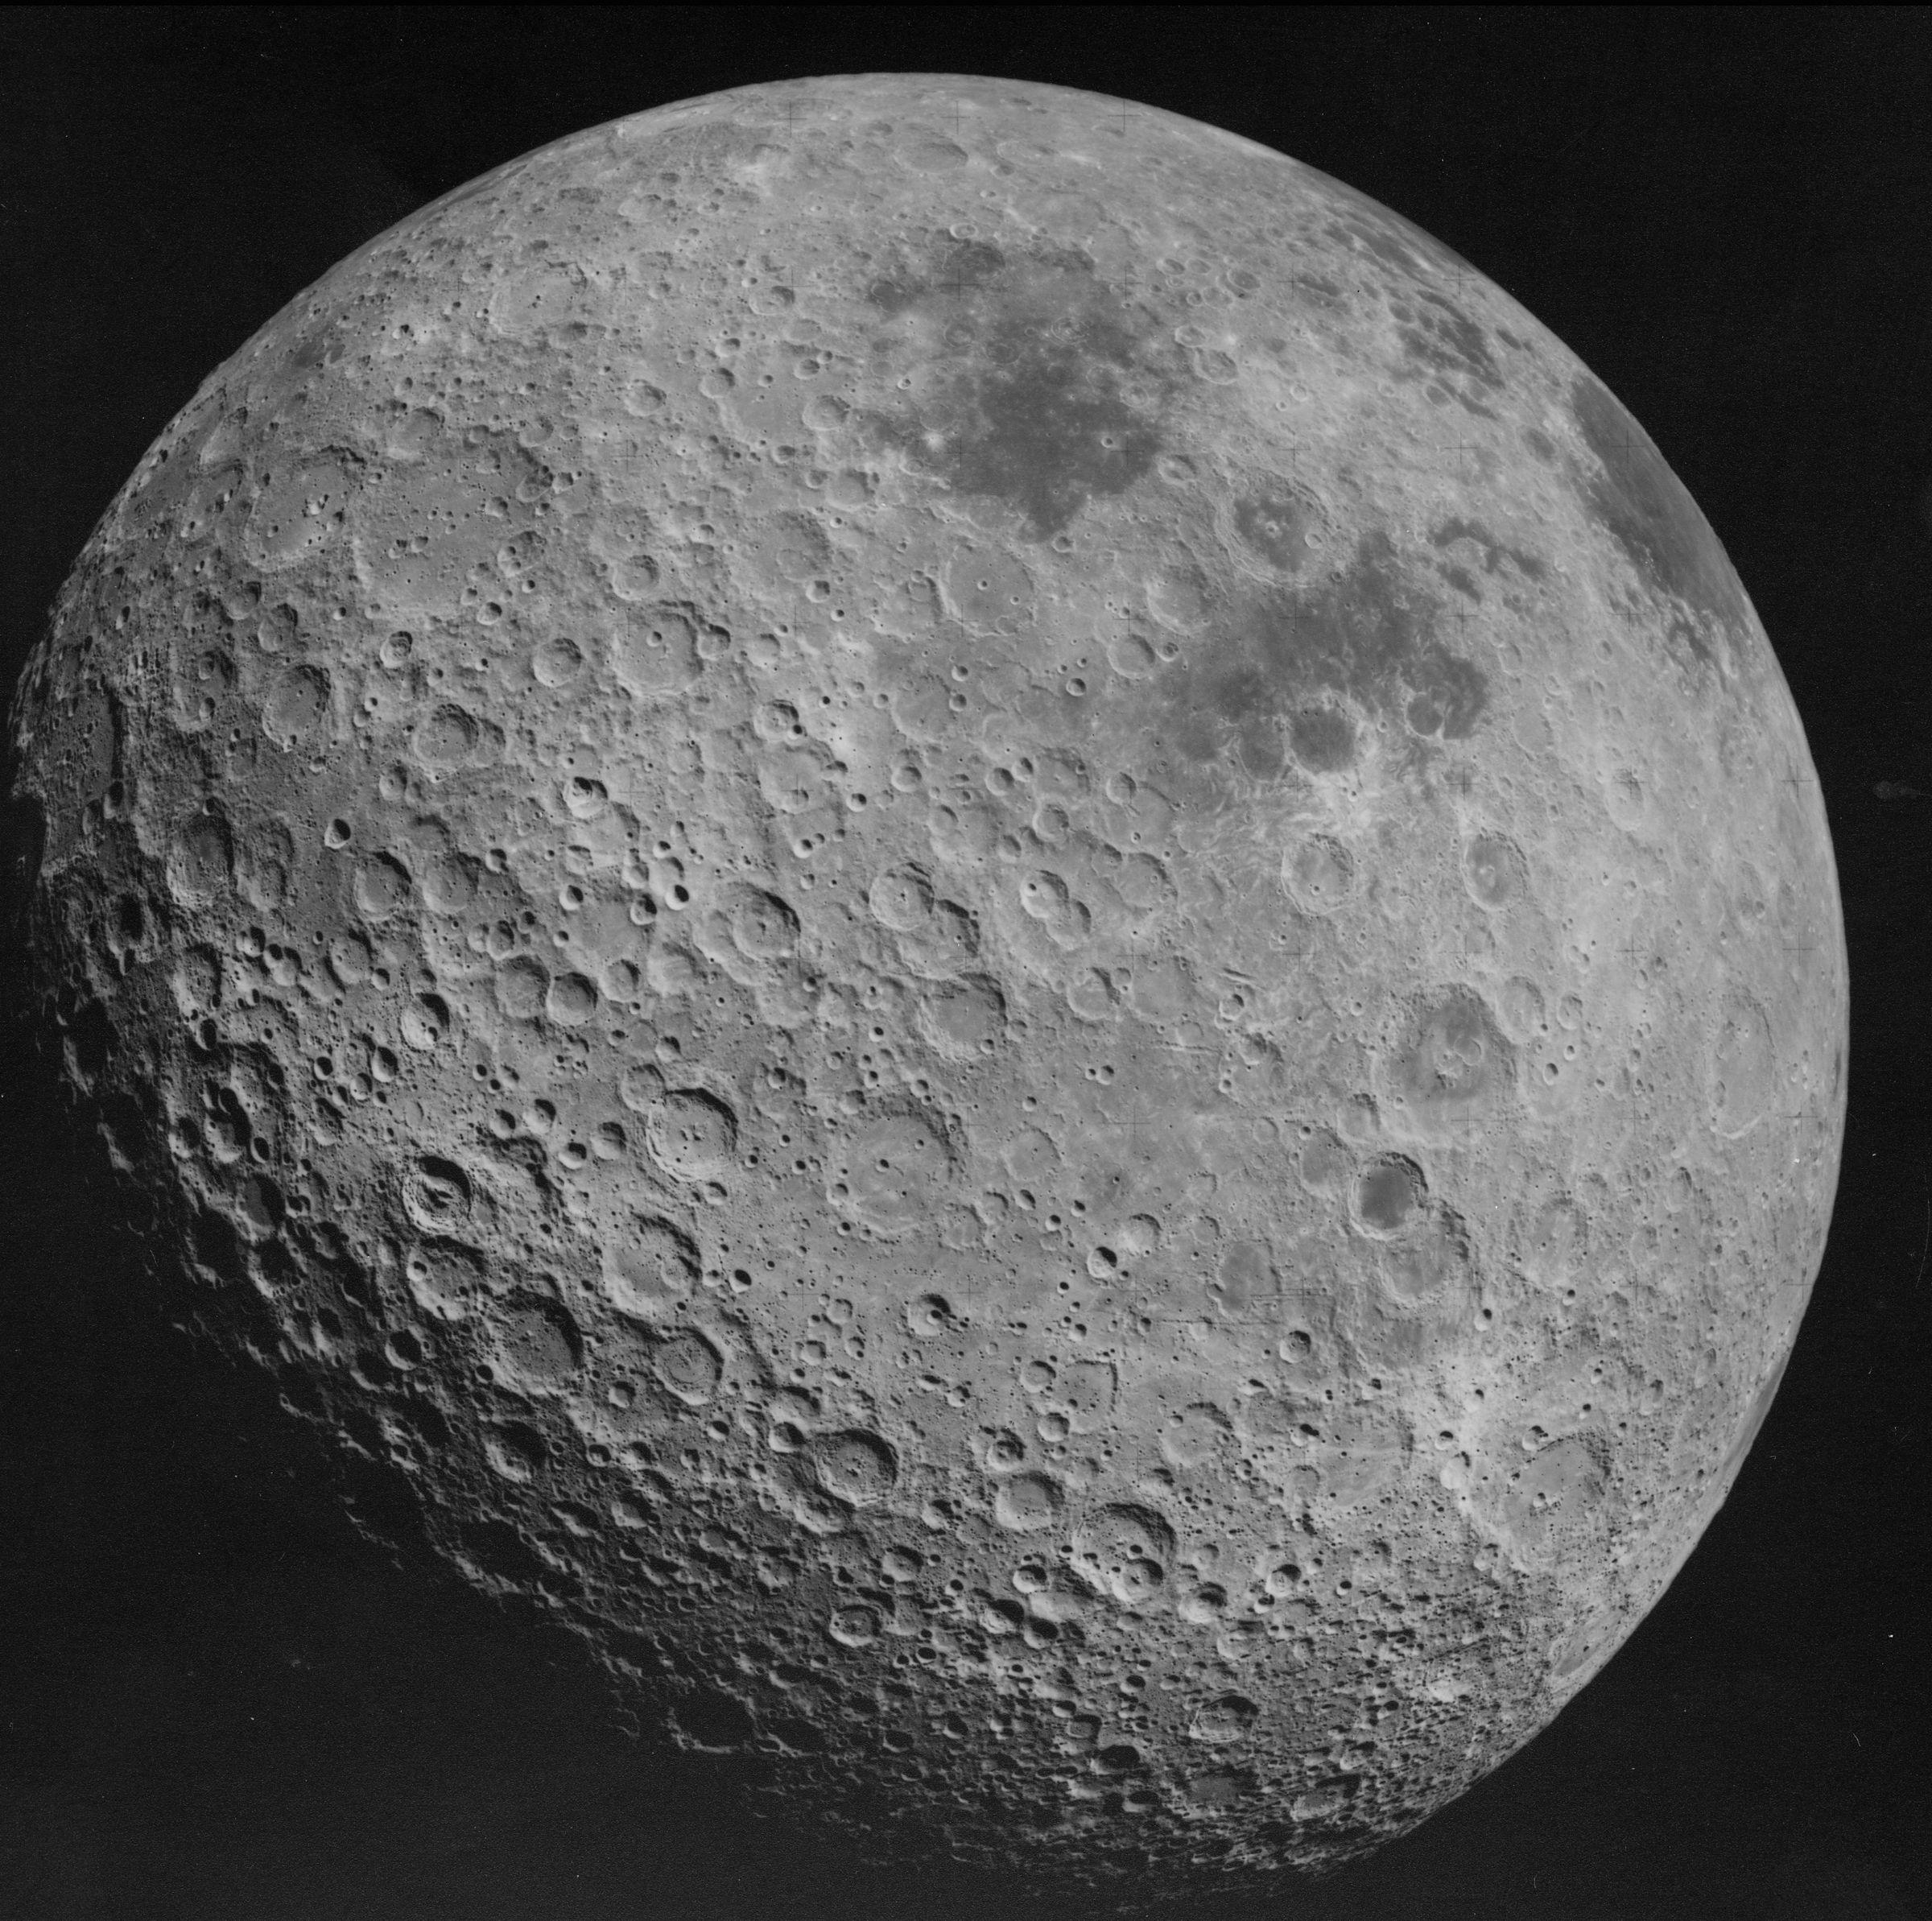 Por qué no vemos la cara oculta de la Luna?